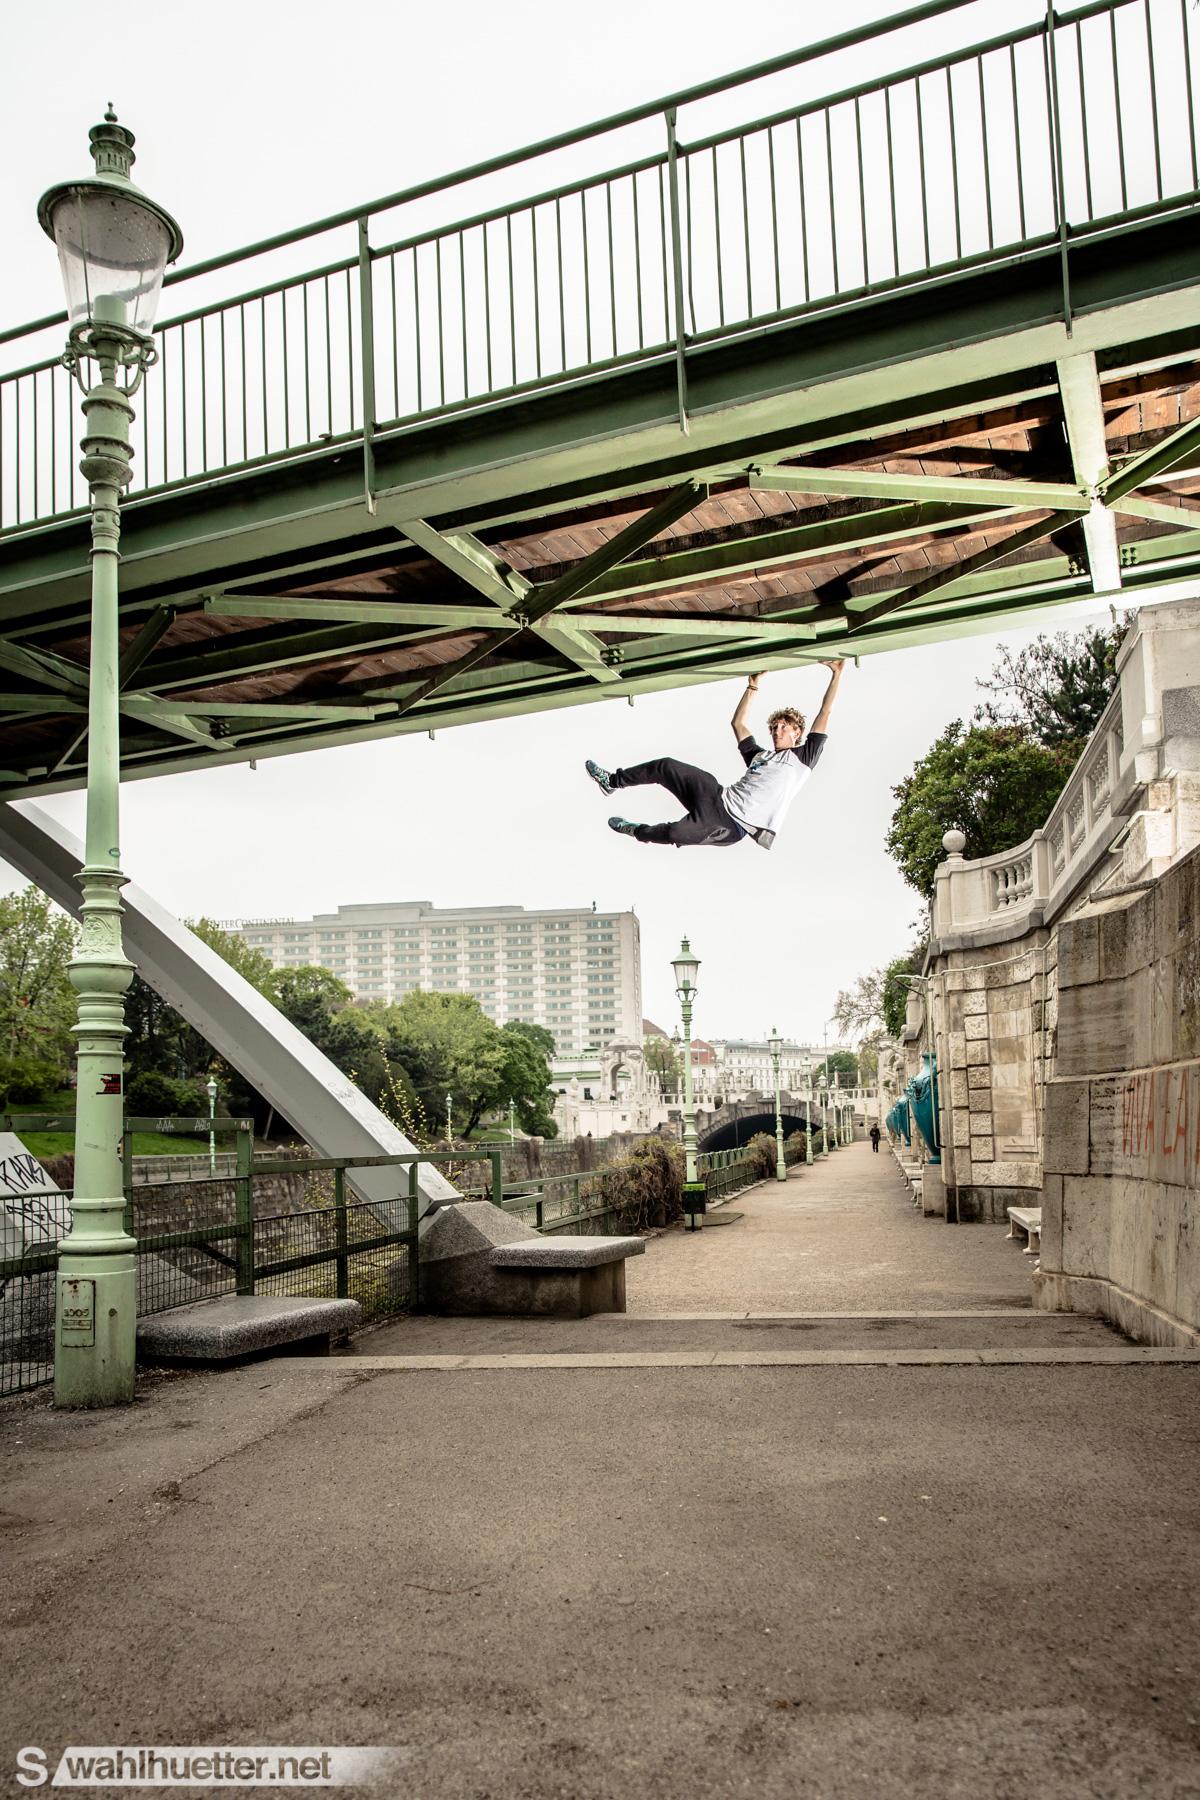 stadtpark swing